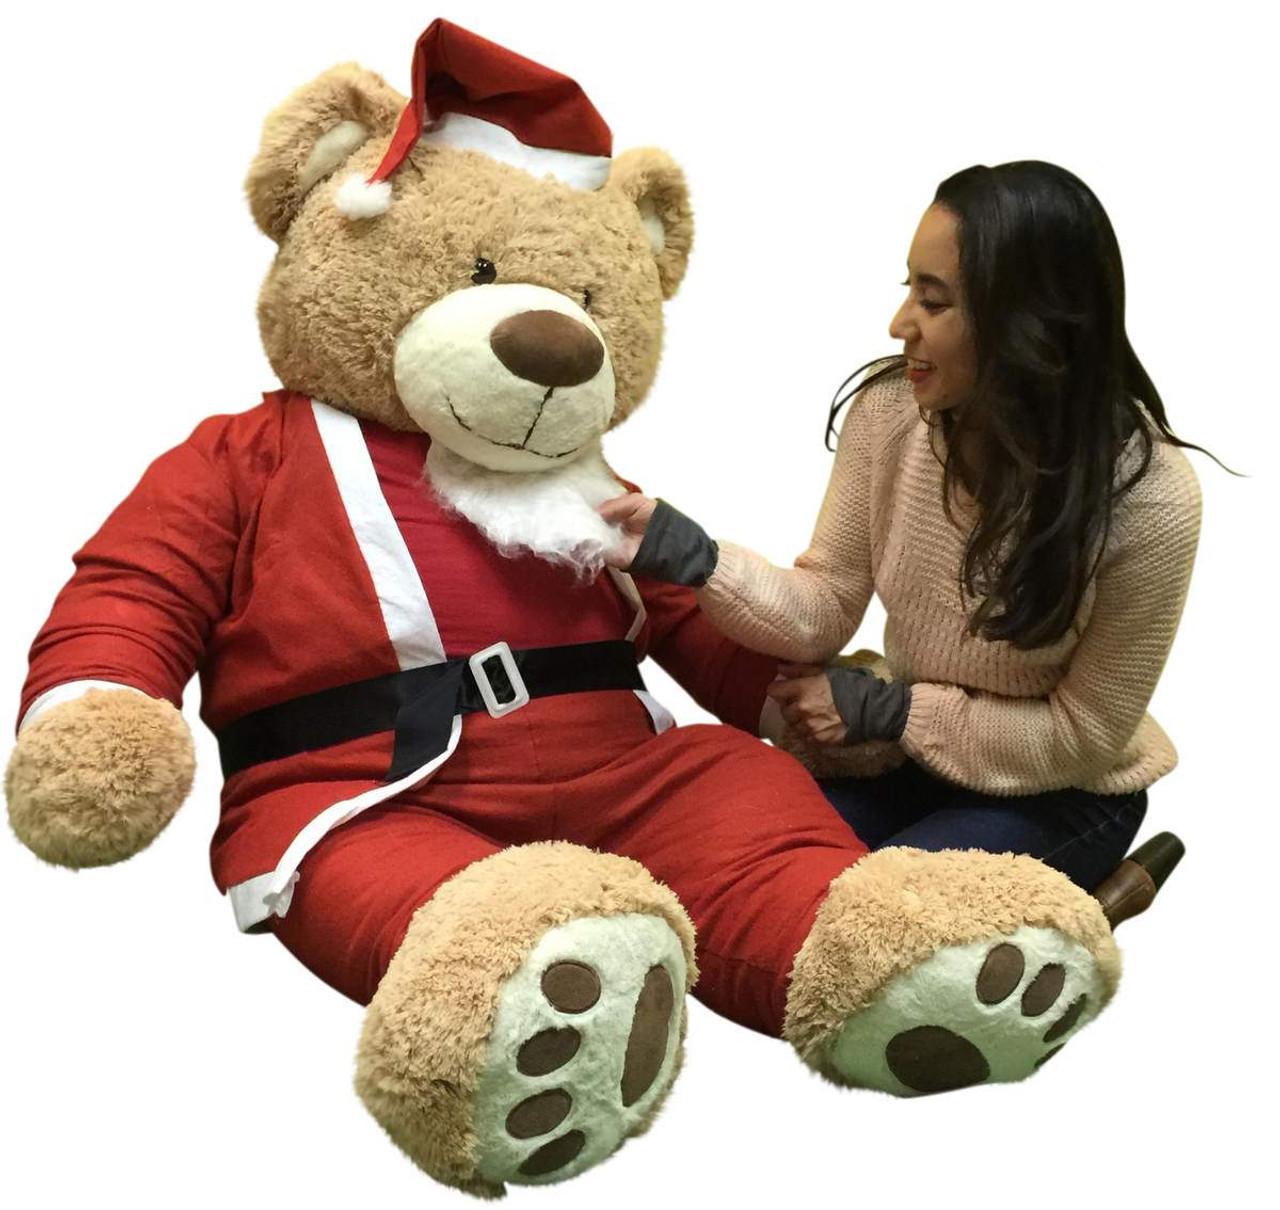 Christmas Bear.Giant Christmas Teddy Bear 60 Inch Soft Wears Santa Claus Suit 5 Foot Xmas Teddybear Tan